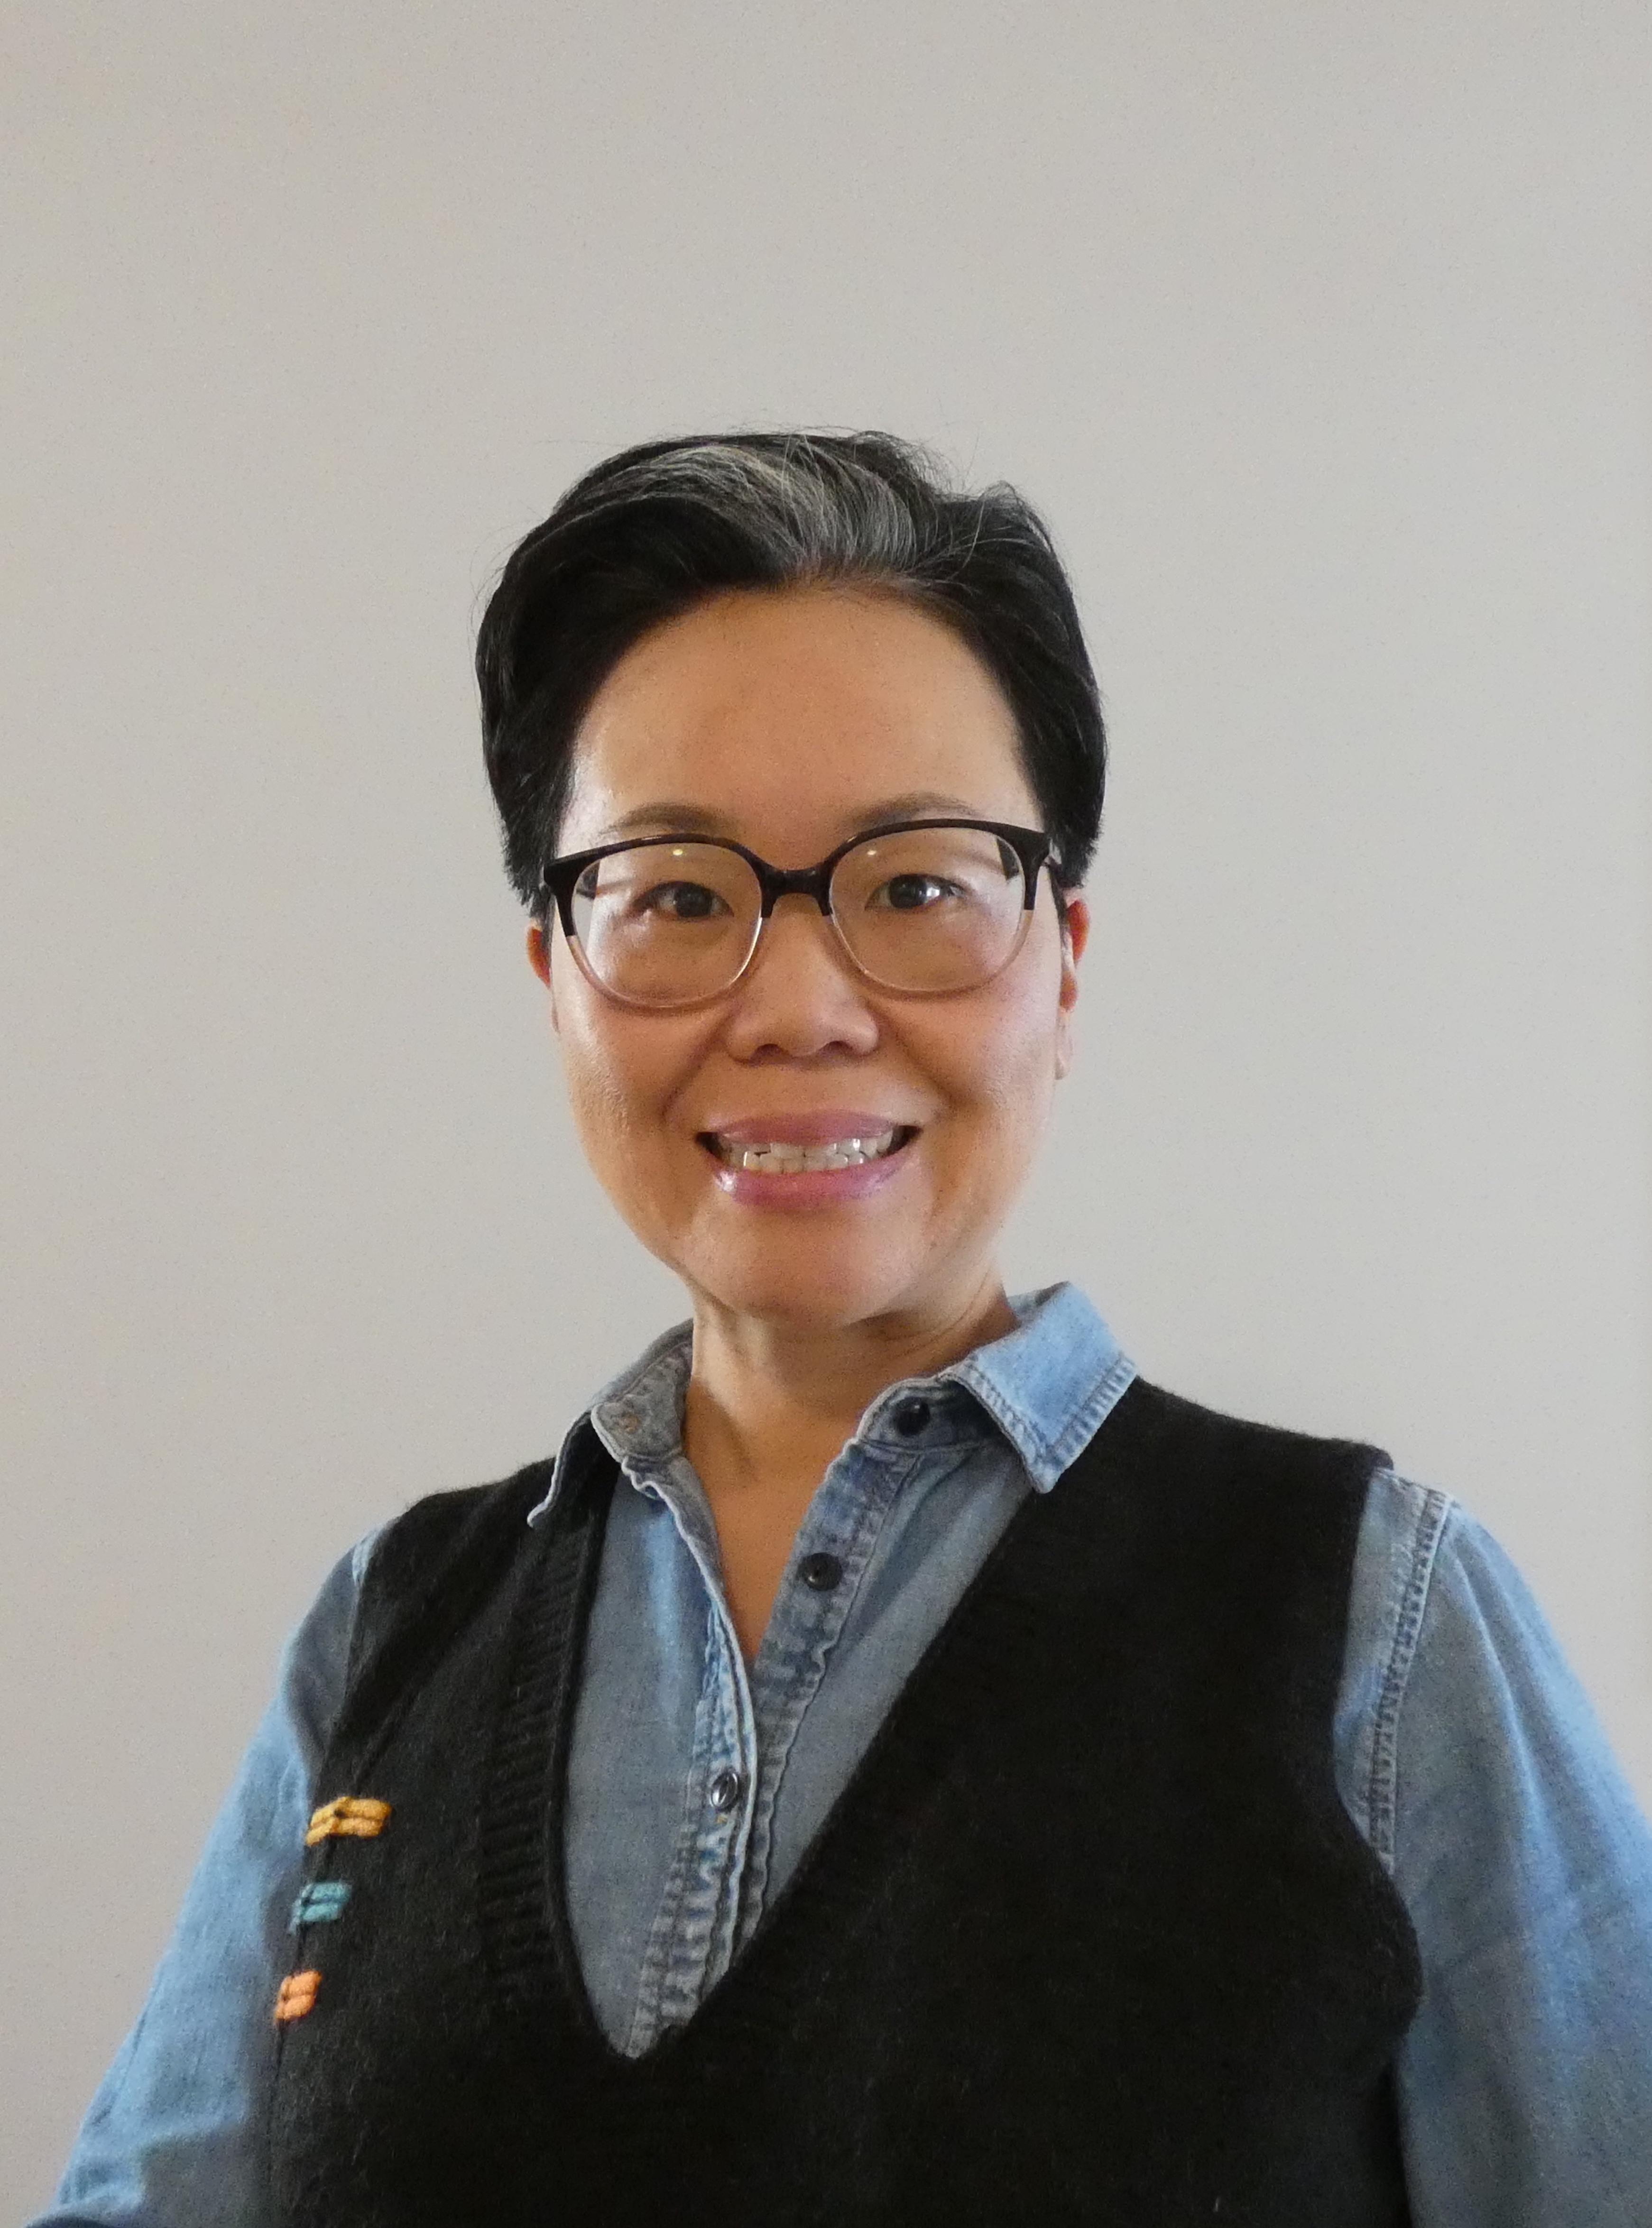 Head shot of Linda Kim